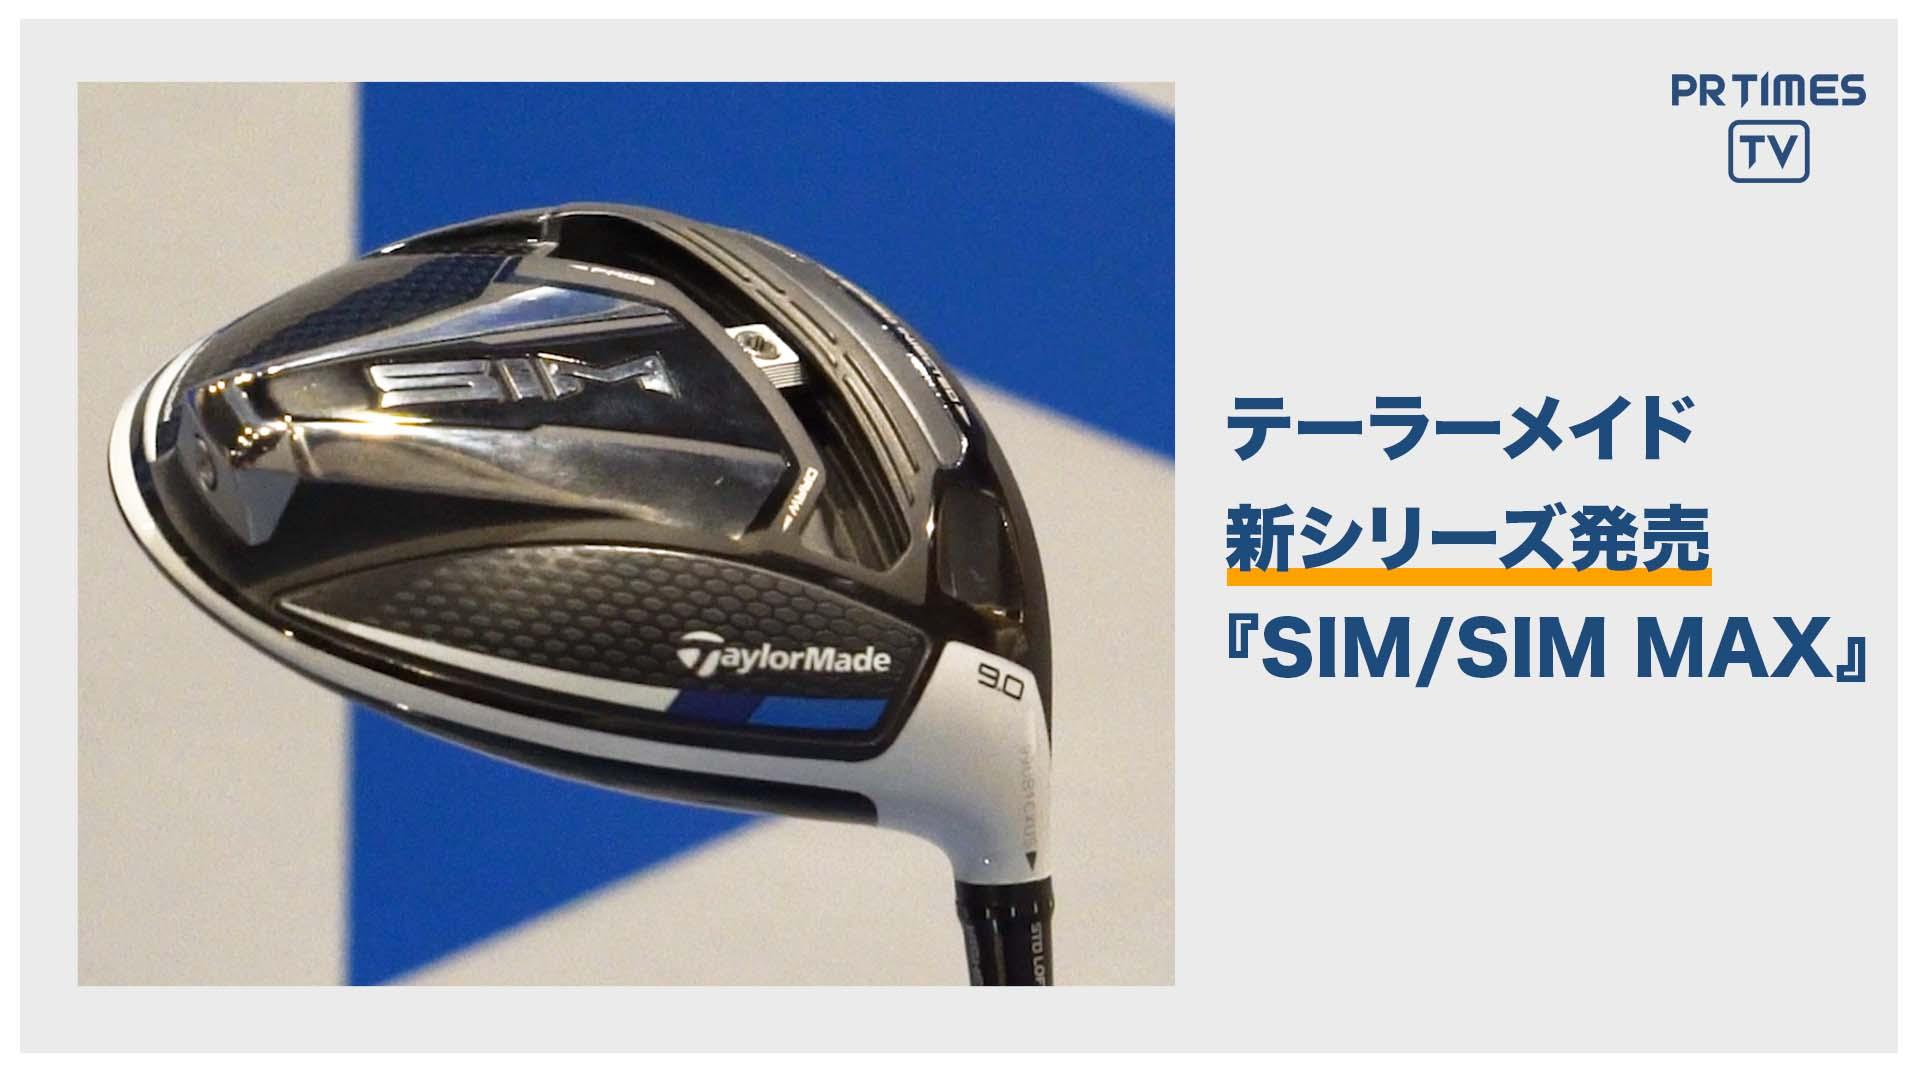 ~飛距離を生み出す次世代のカタチ~ テーラーメイドの新シリーズ『SIM/SIM MAX』発売